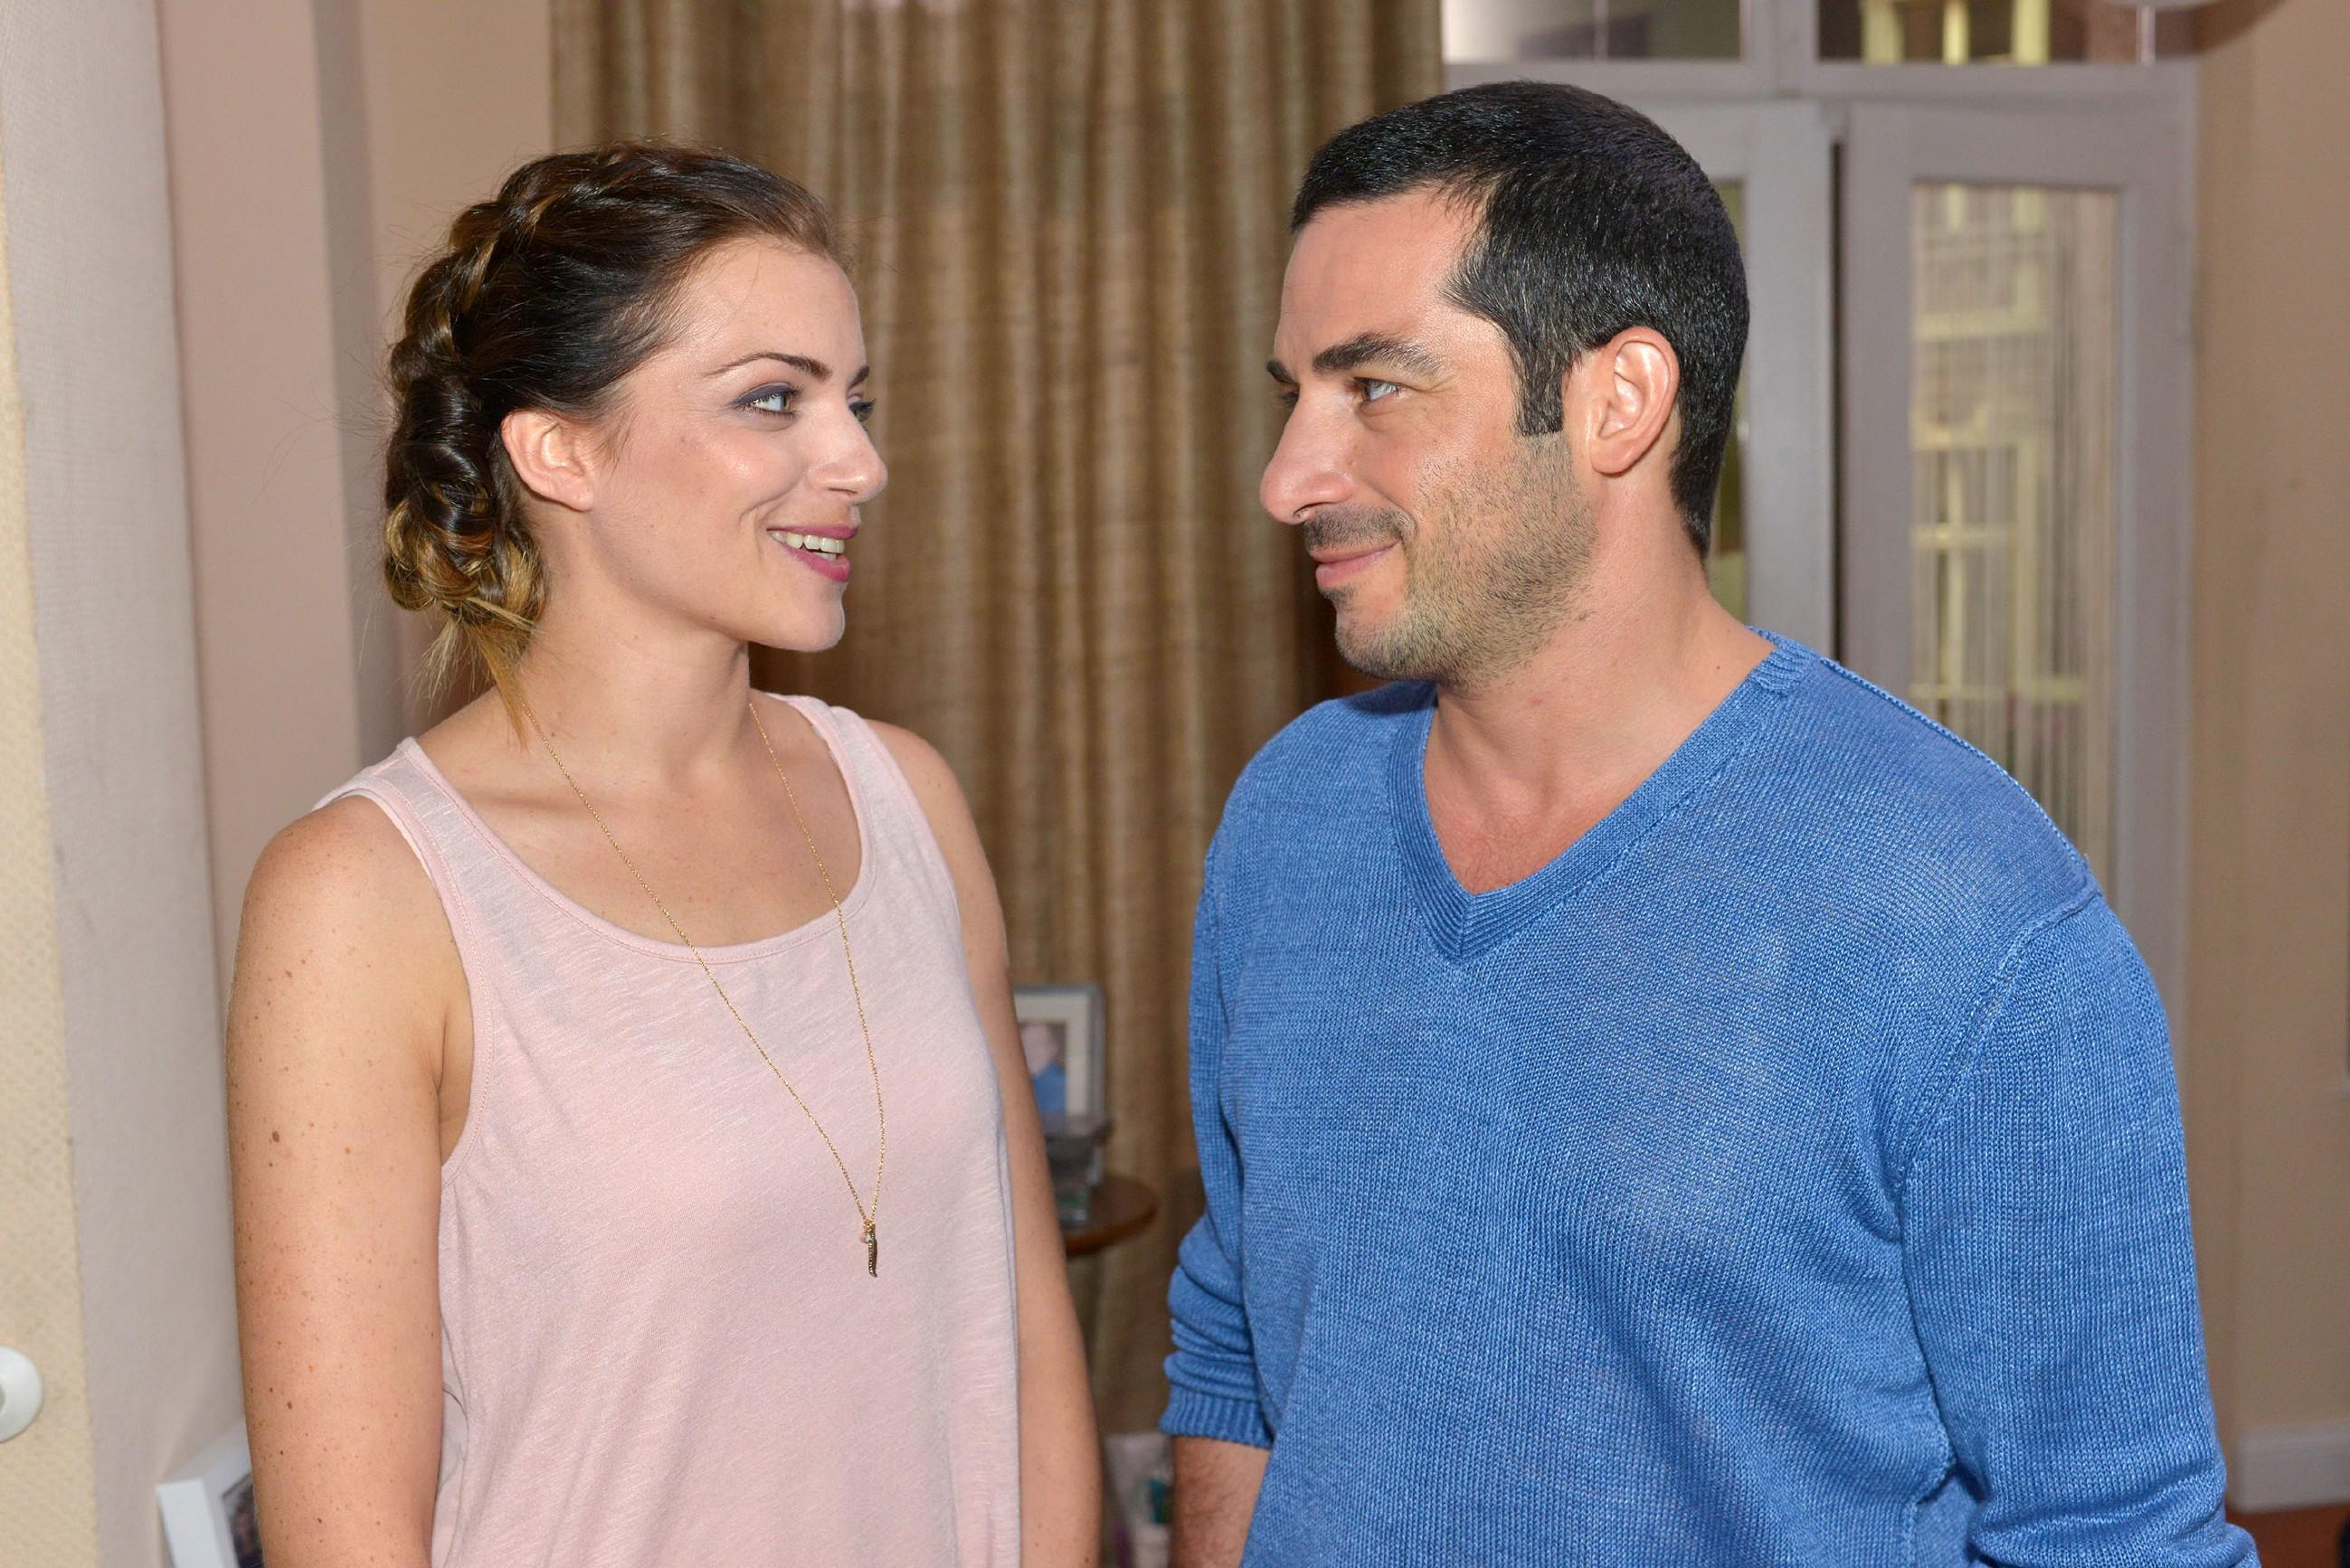 Emily (Anne Menden) freut sich über Tayfuns (Tayfun Baydar) Kompliment, eine gute Mutter für Kate zu sein. (Quelle: © RTL / Rolf Baumgartner)